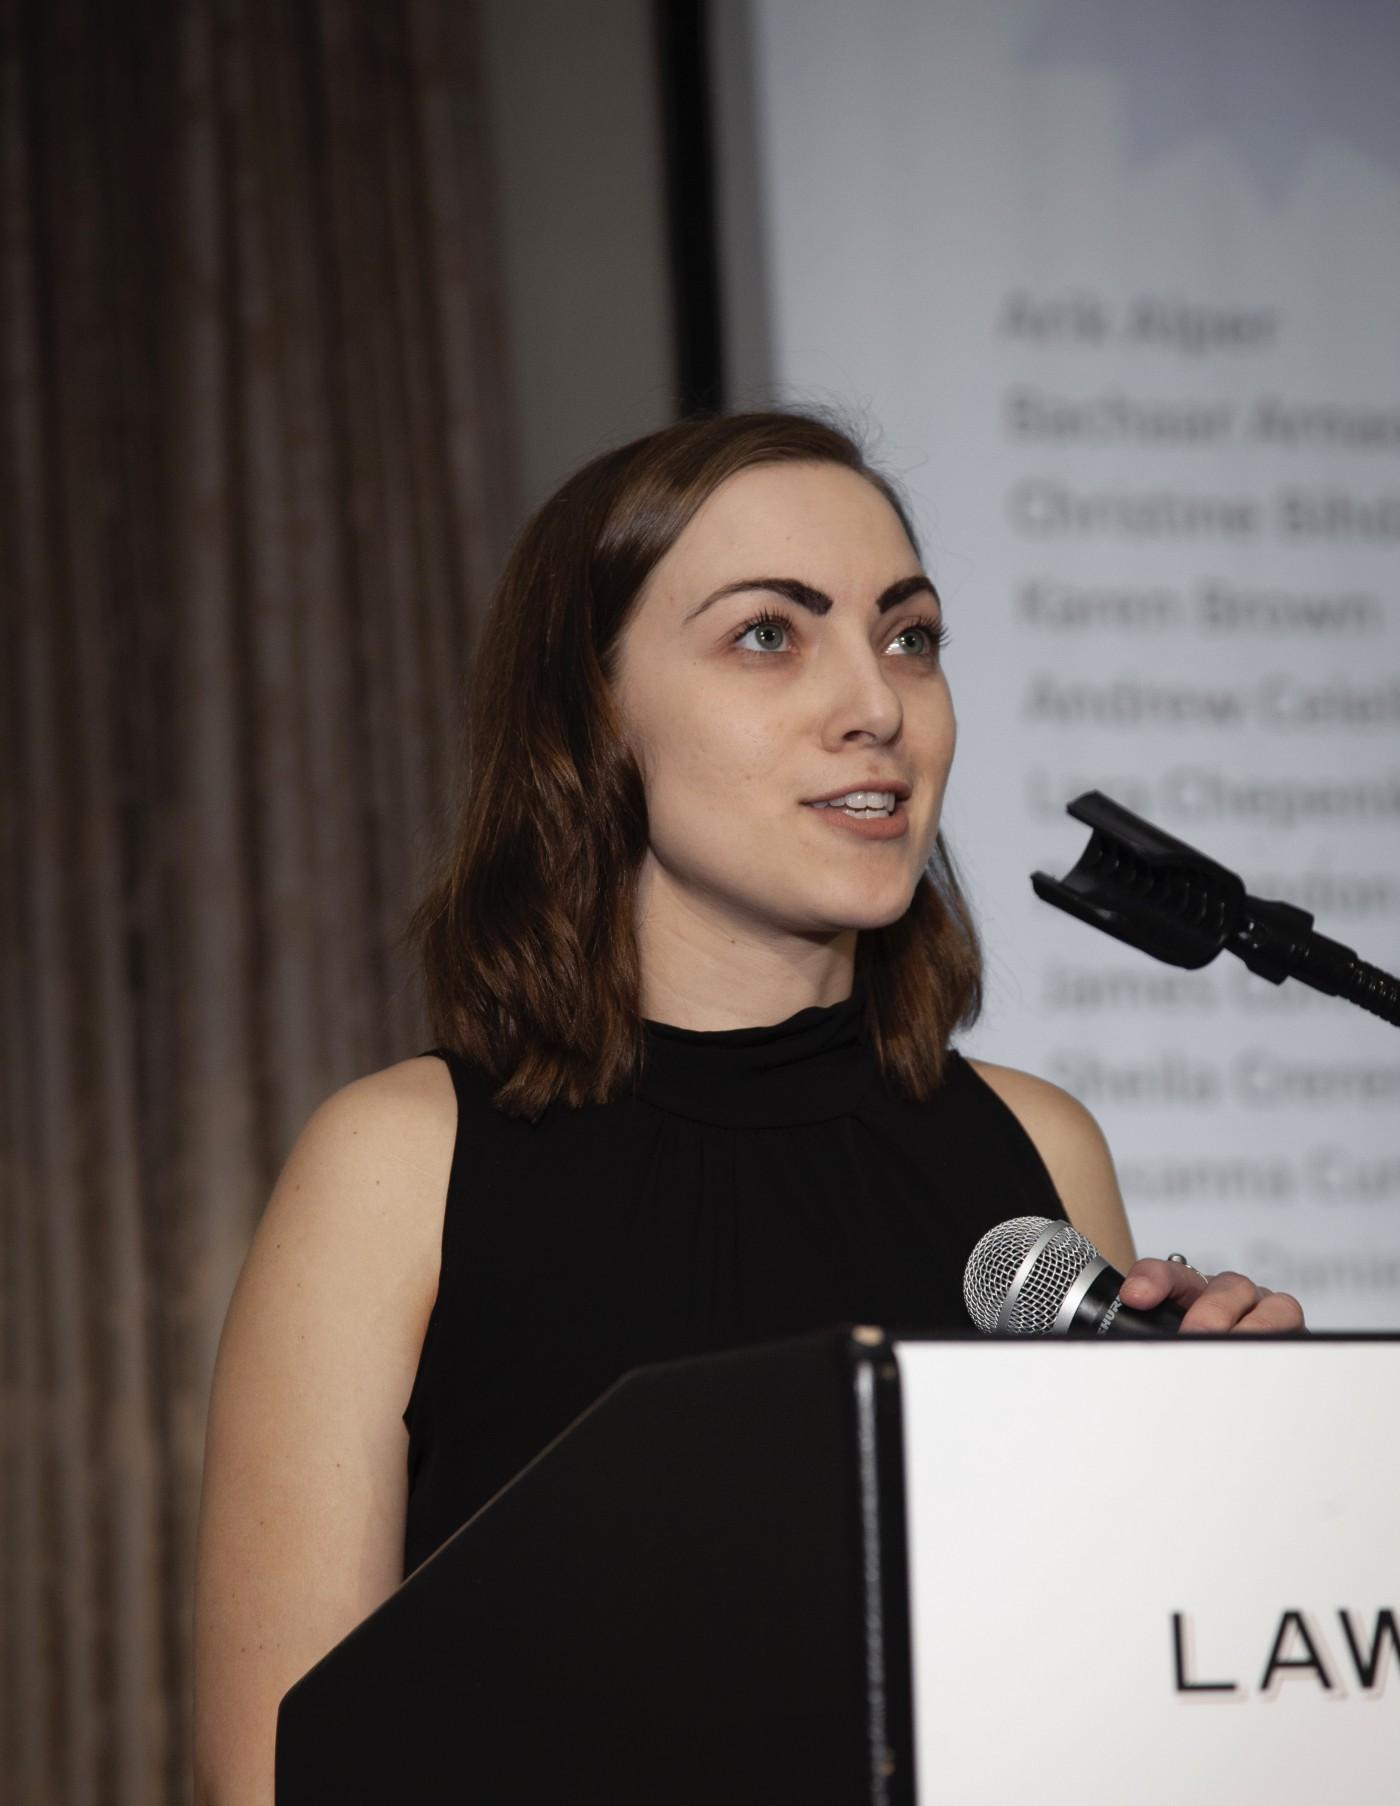 Caitlin Simons, YSN student speaker